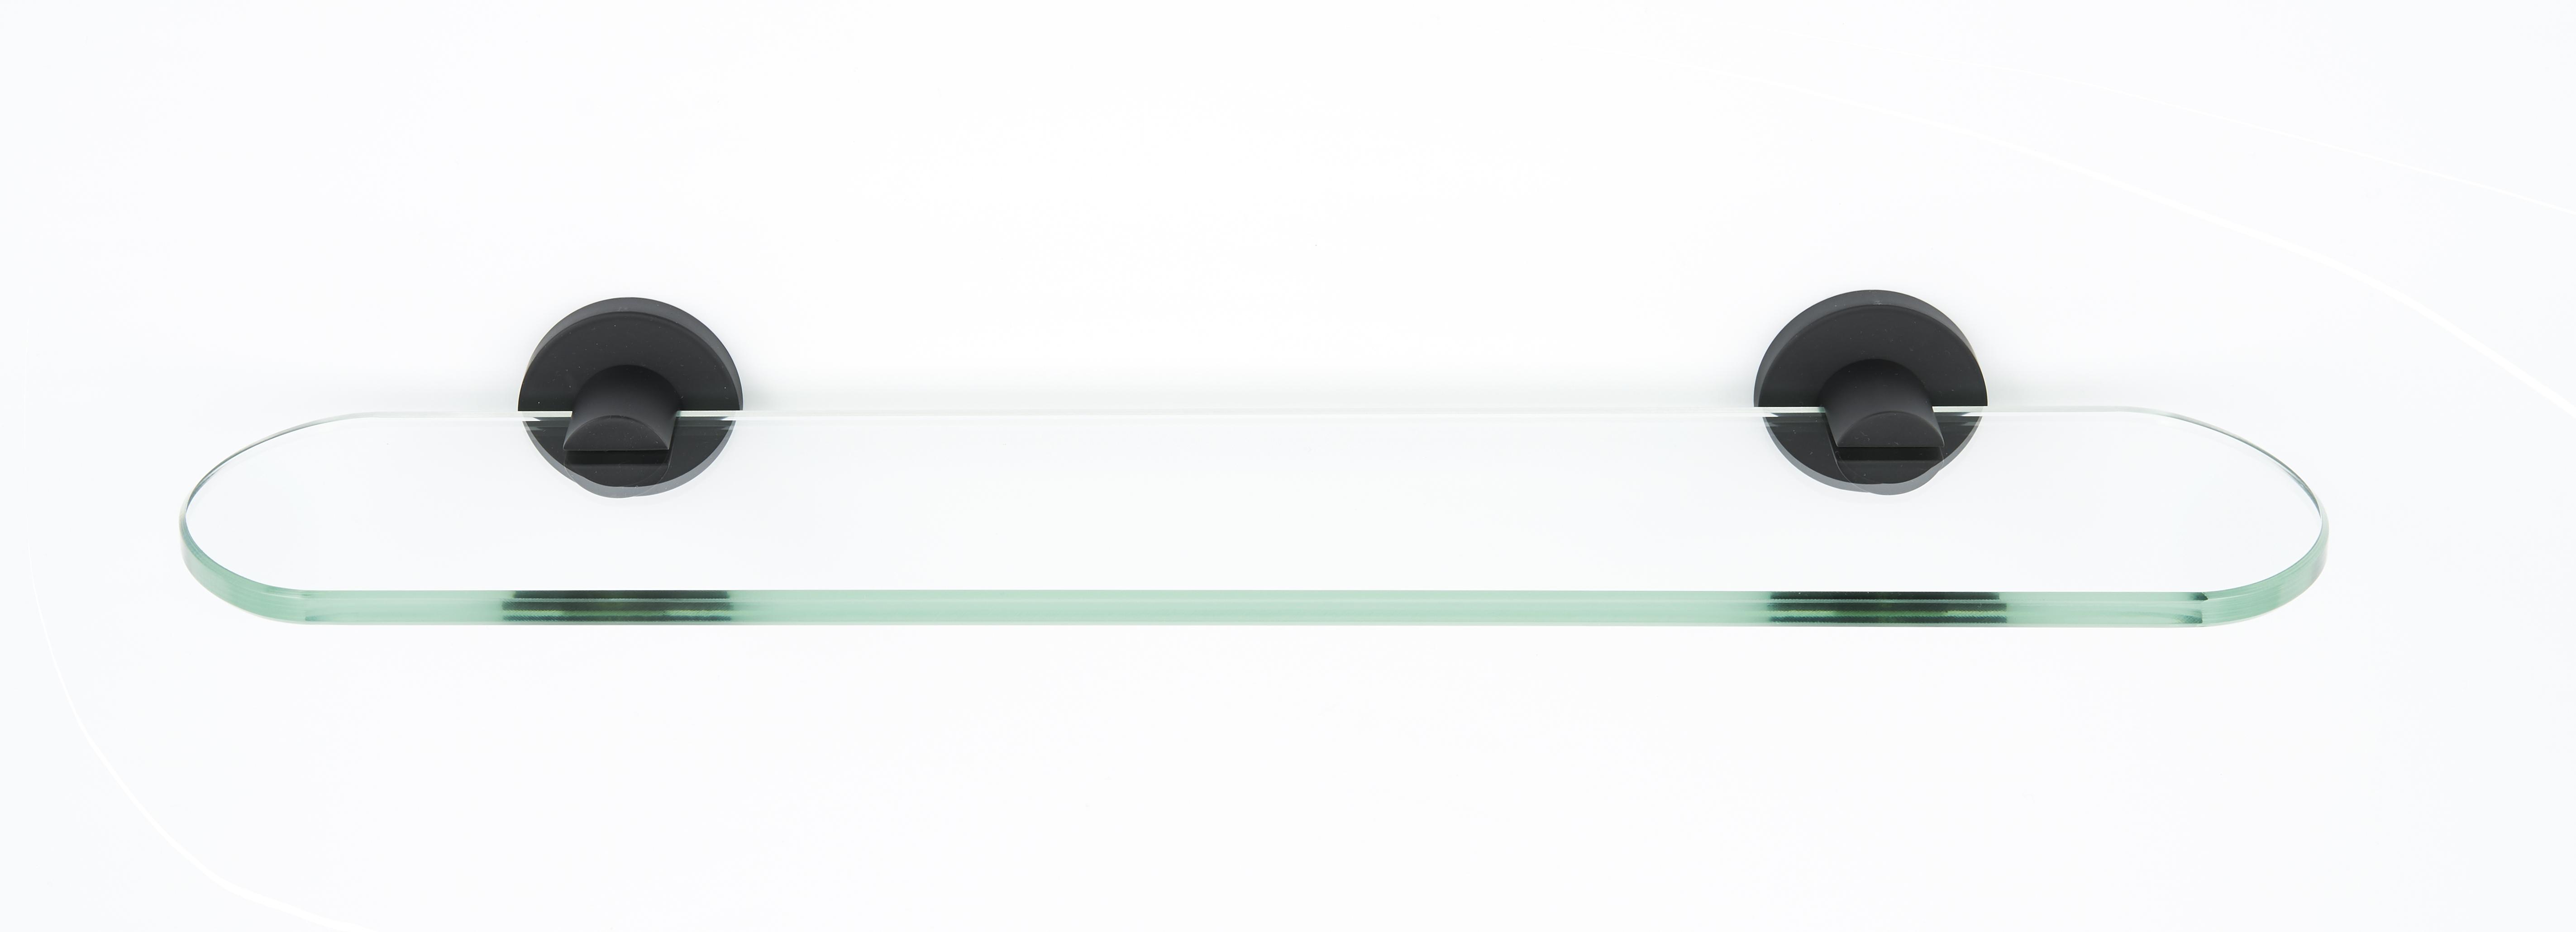 Contemporary I Glass Shelf A8350-18 – \